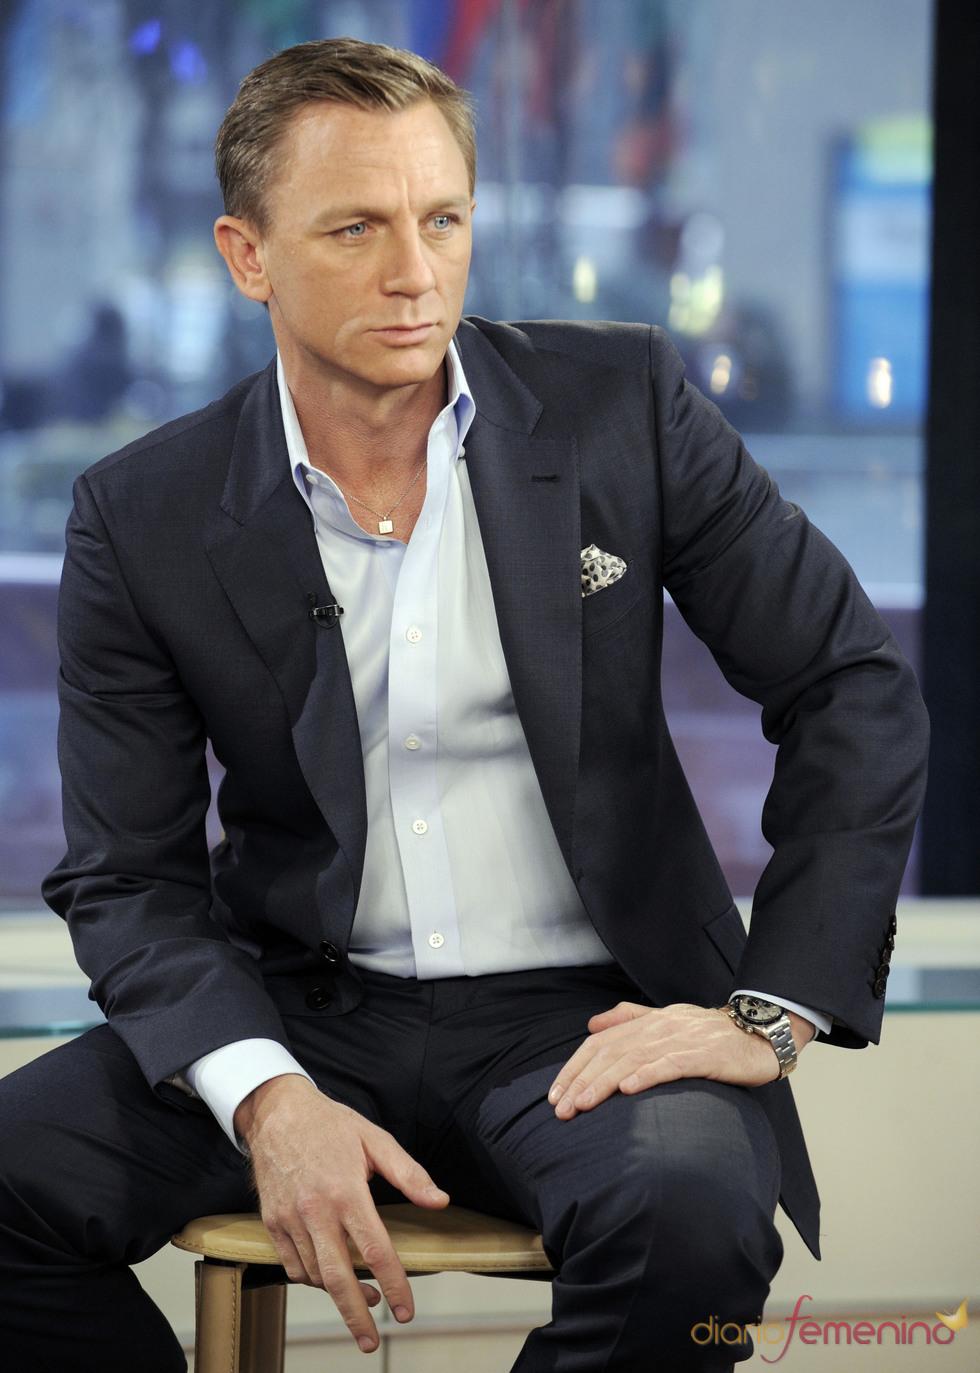 Daniel Craig durante una aparición en el programa 'Today' de la NBC